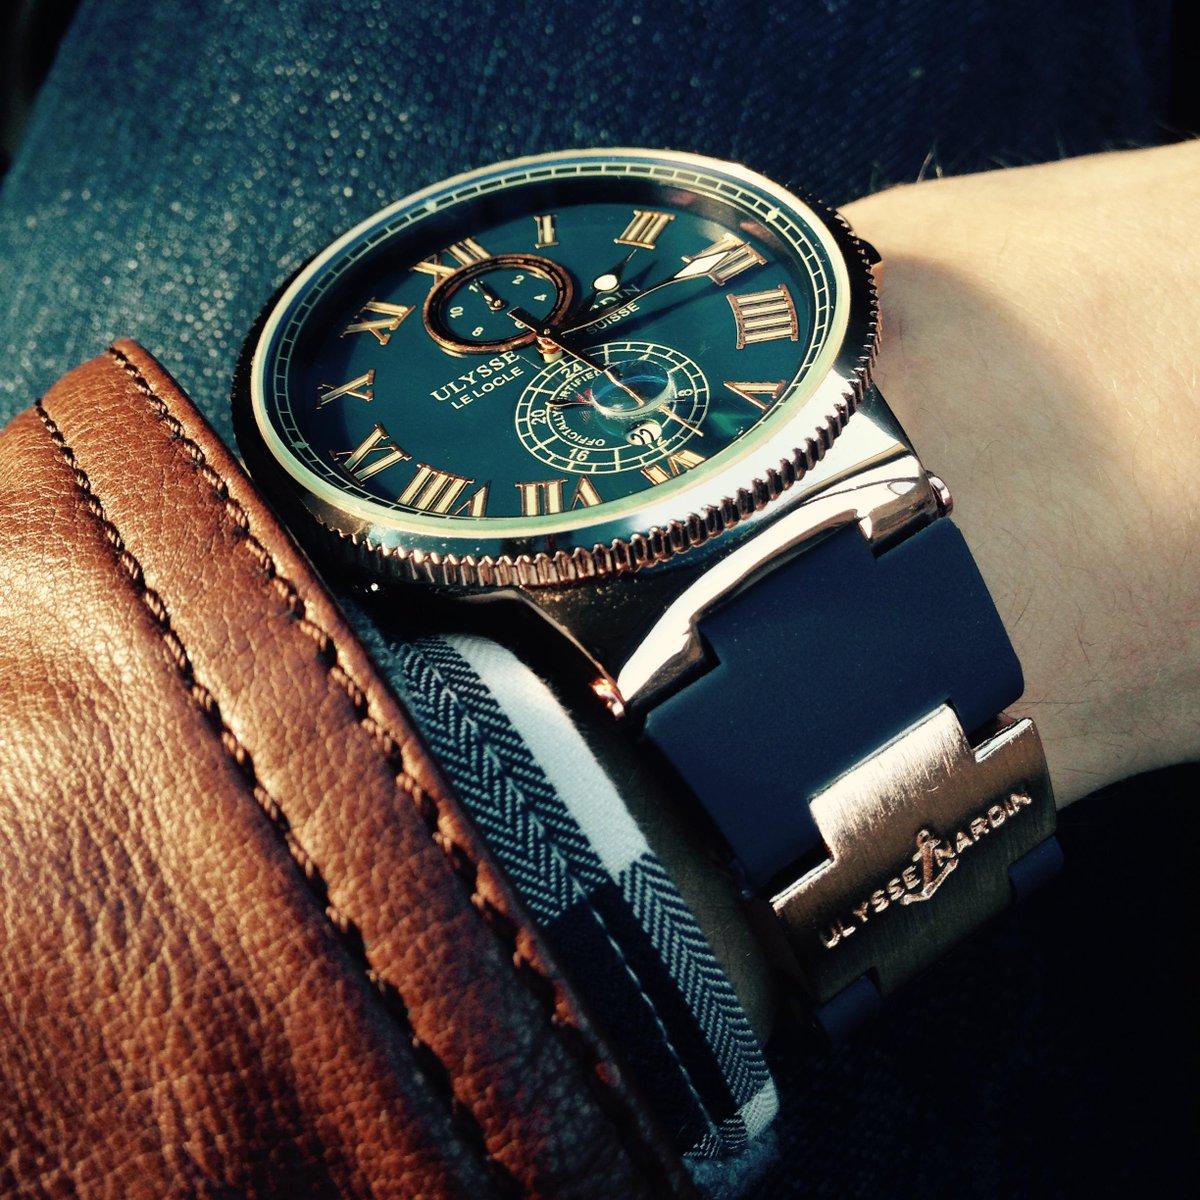 Купить часы ulysse nardin копии хорошего качества